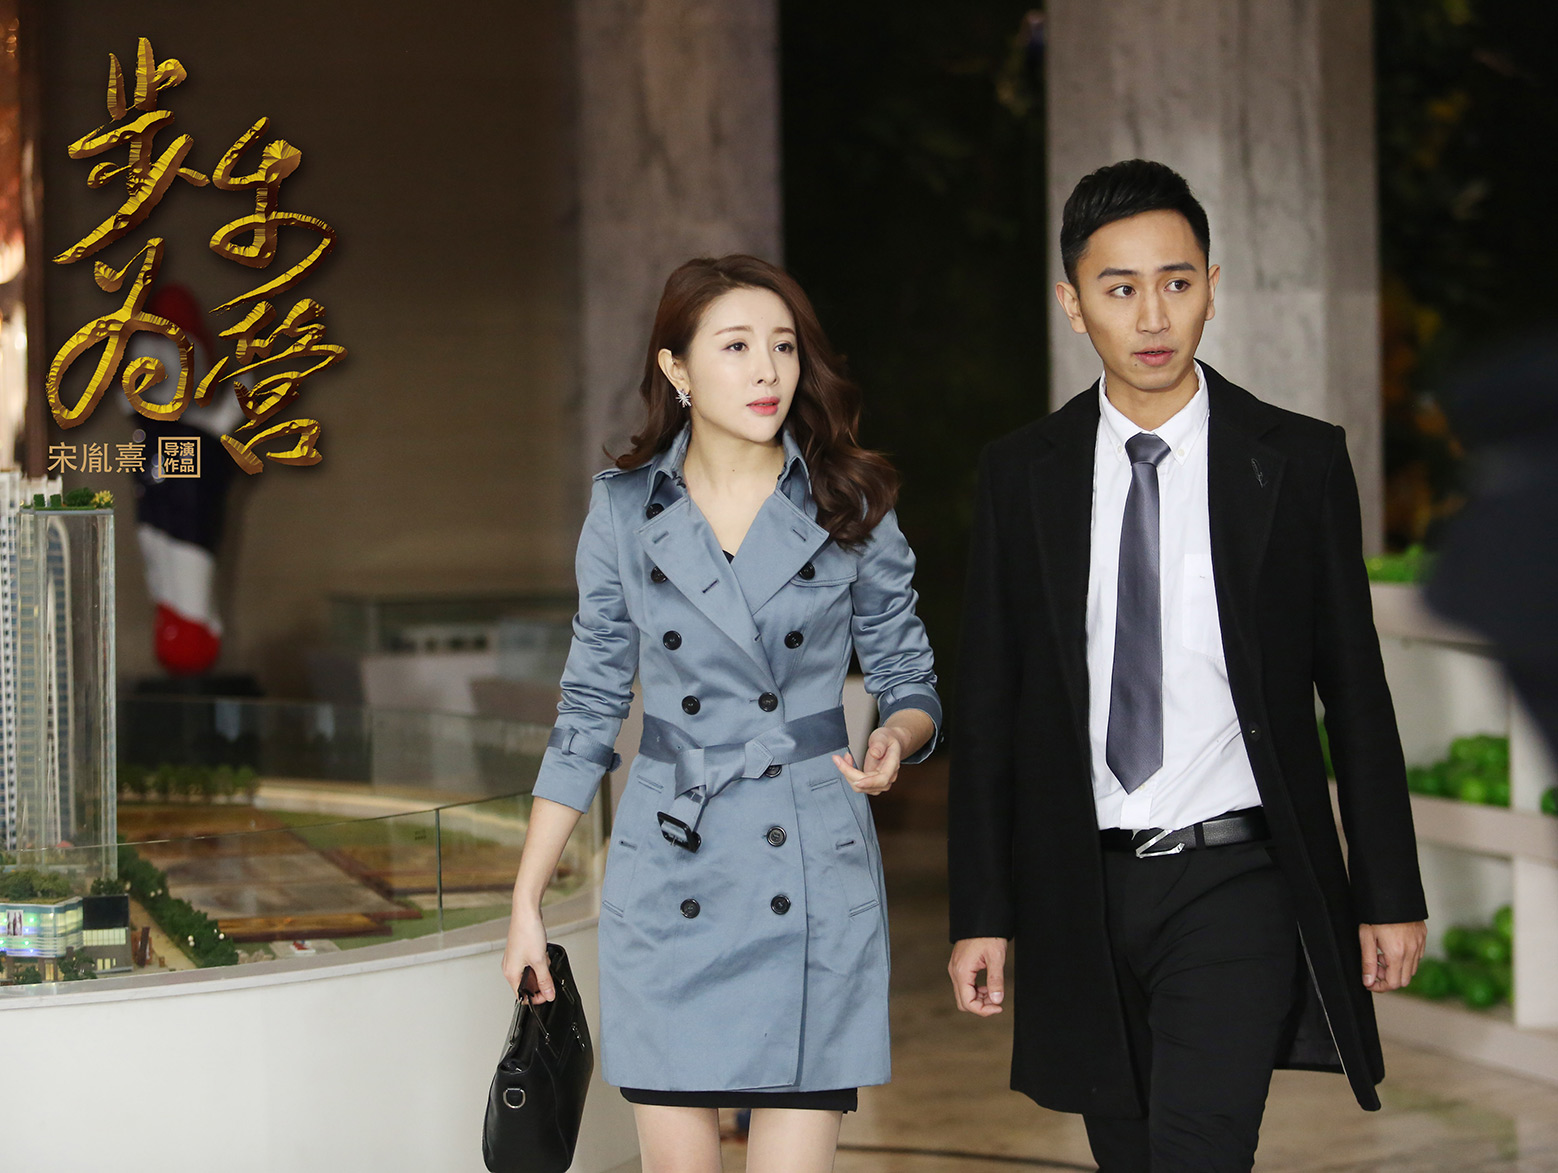 电影《步步为营》定档10月24日 权钱内幕步步惊心